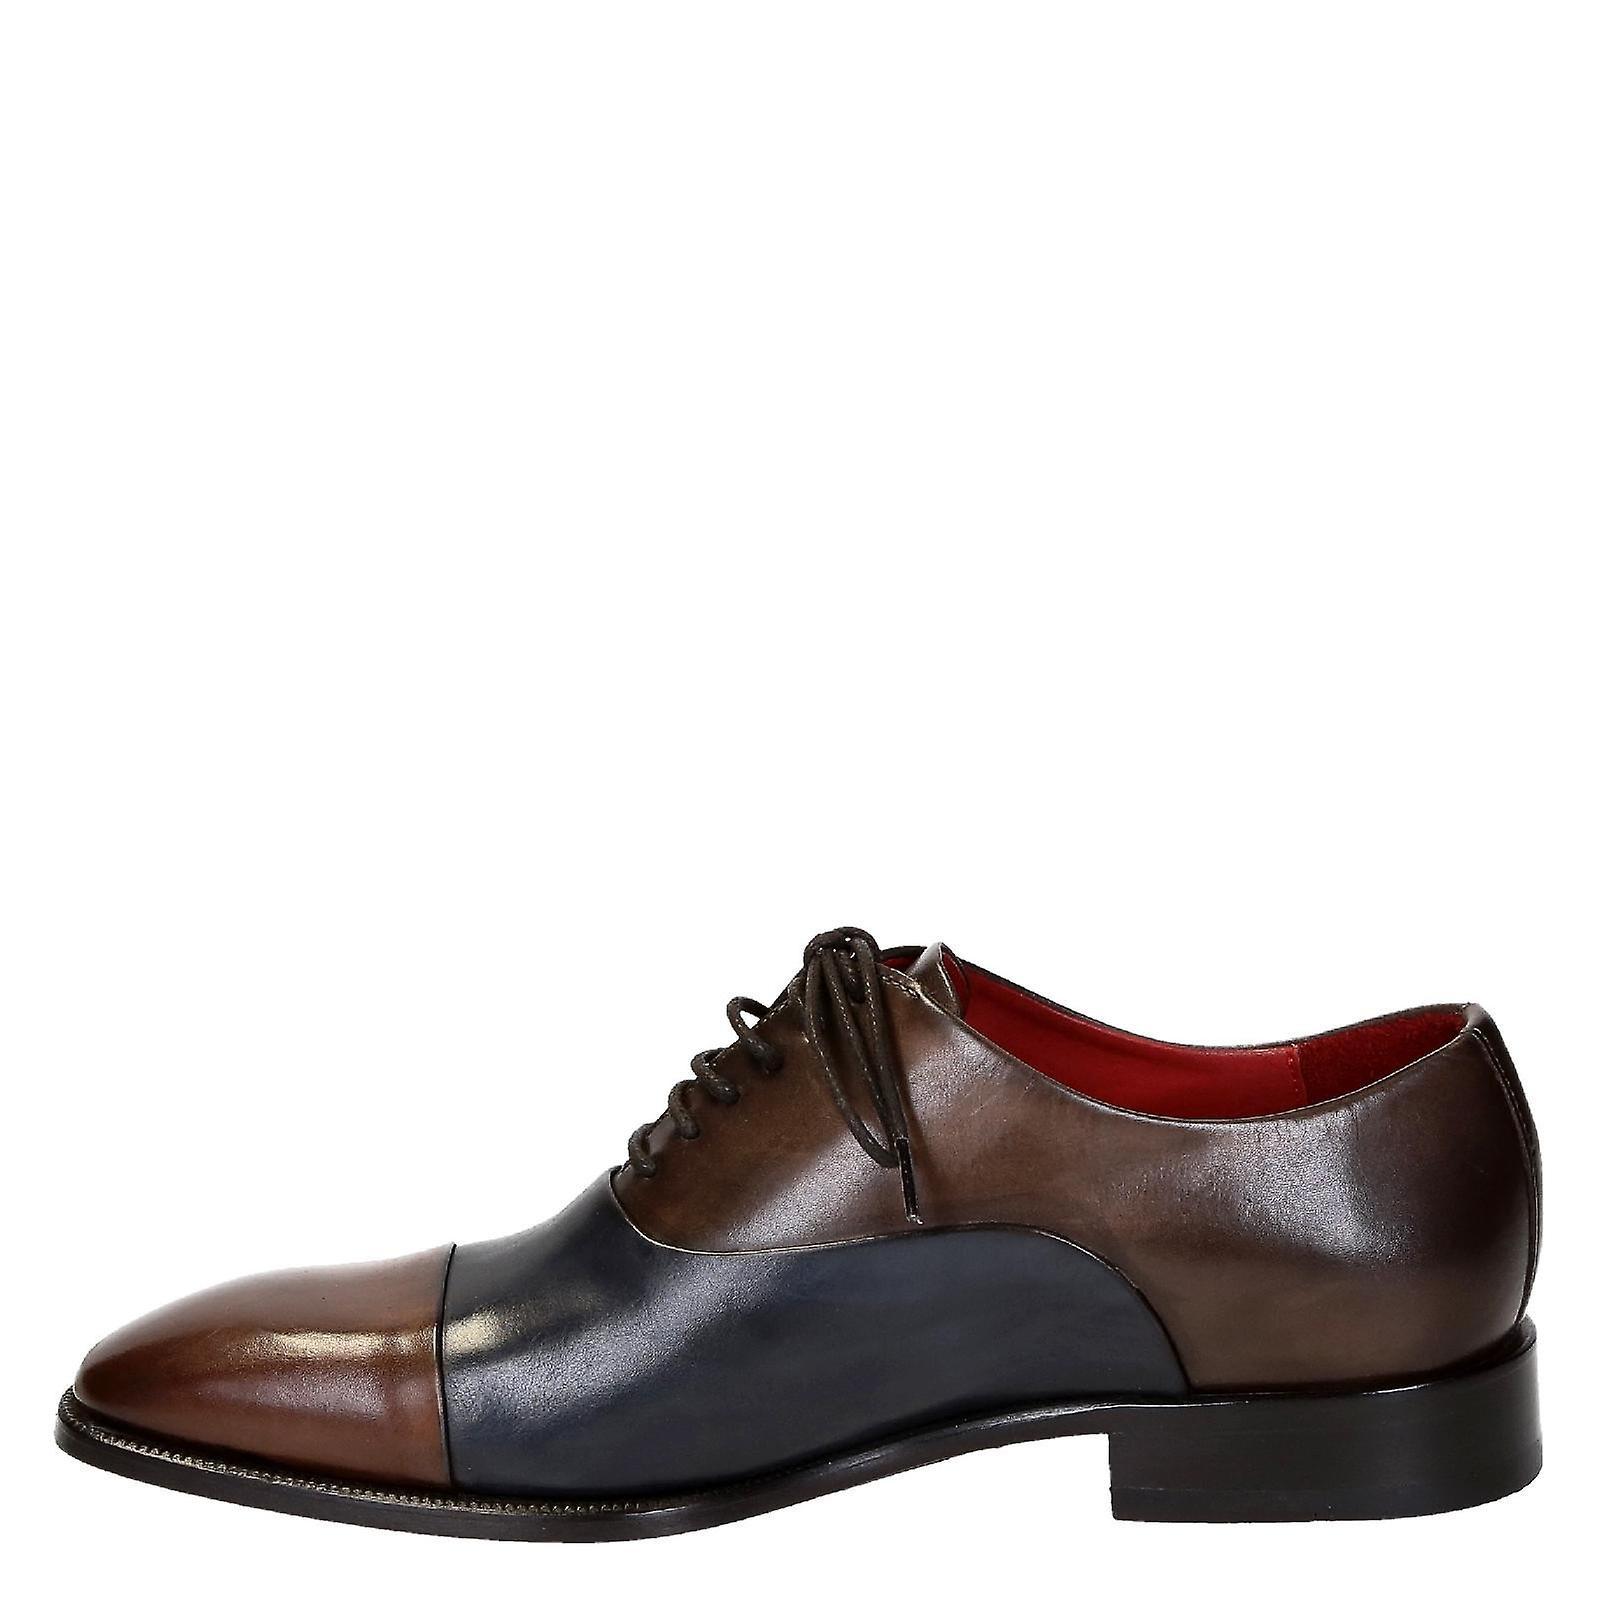 Chaussures Leonardo Sngbluebrownleat Men-apos;s Chaussures à lacets en cuir bleu/brun